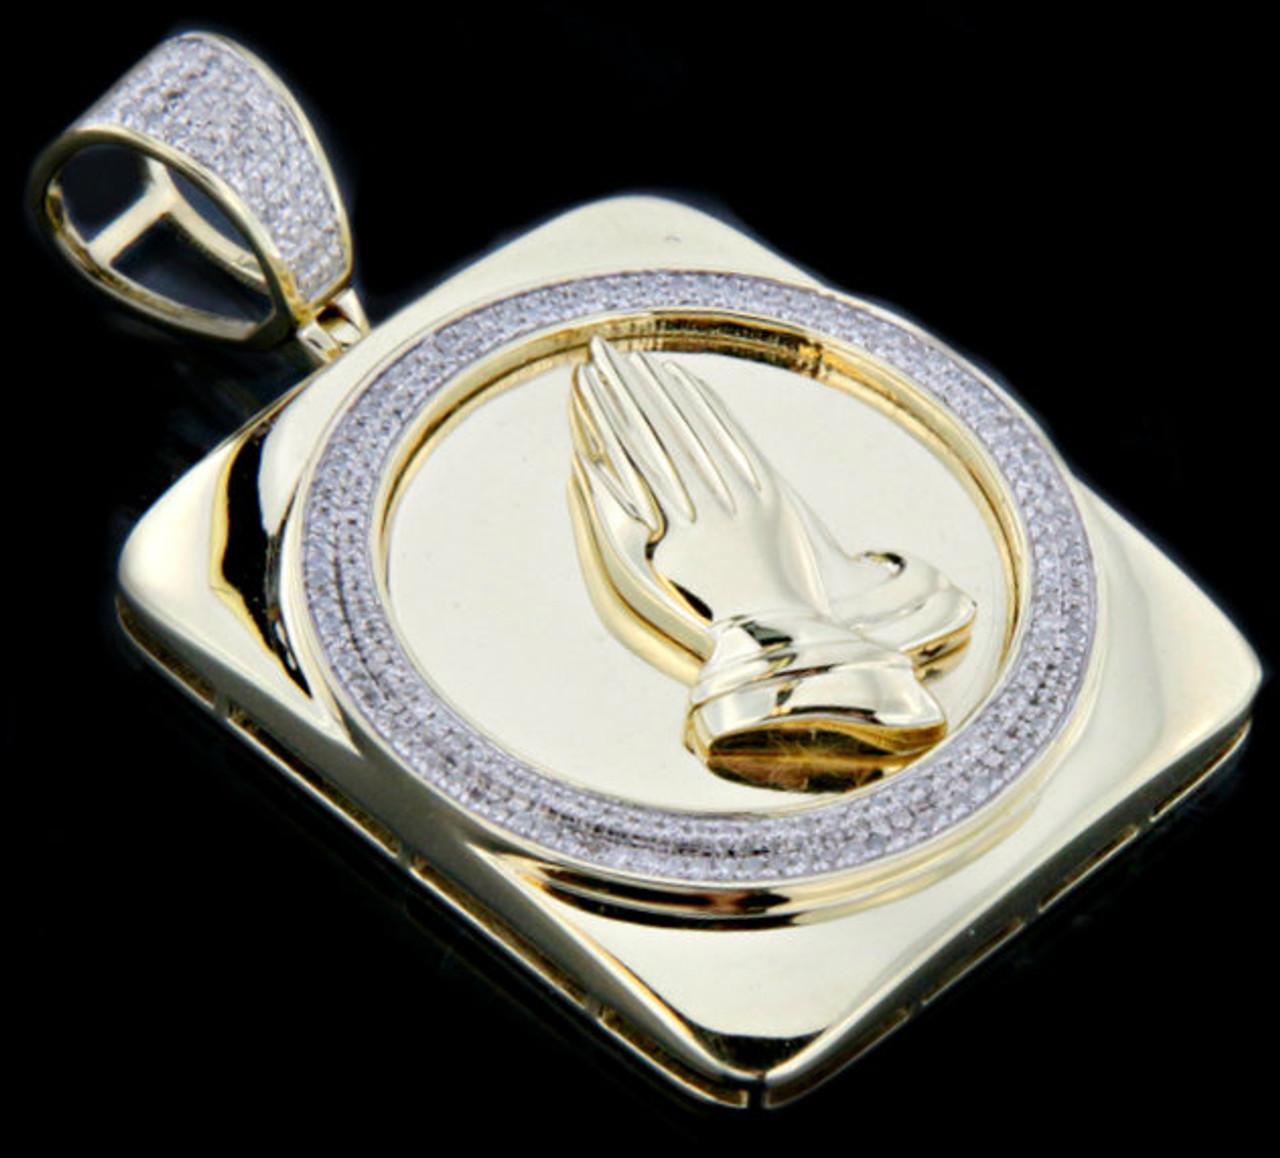 10k gold 050ct diamonds praying hands pendant king johnny 10k gold 050ct diamonds praying hands pendant aloadofball Choice Image